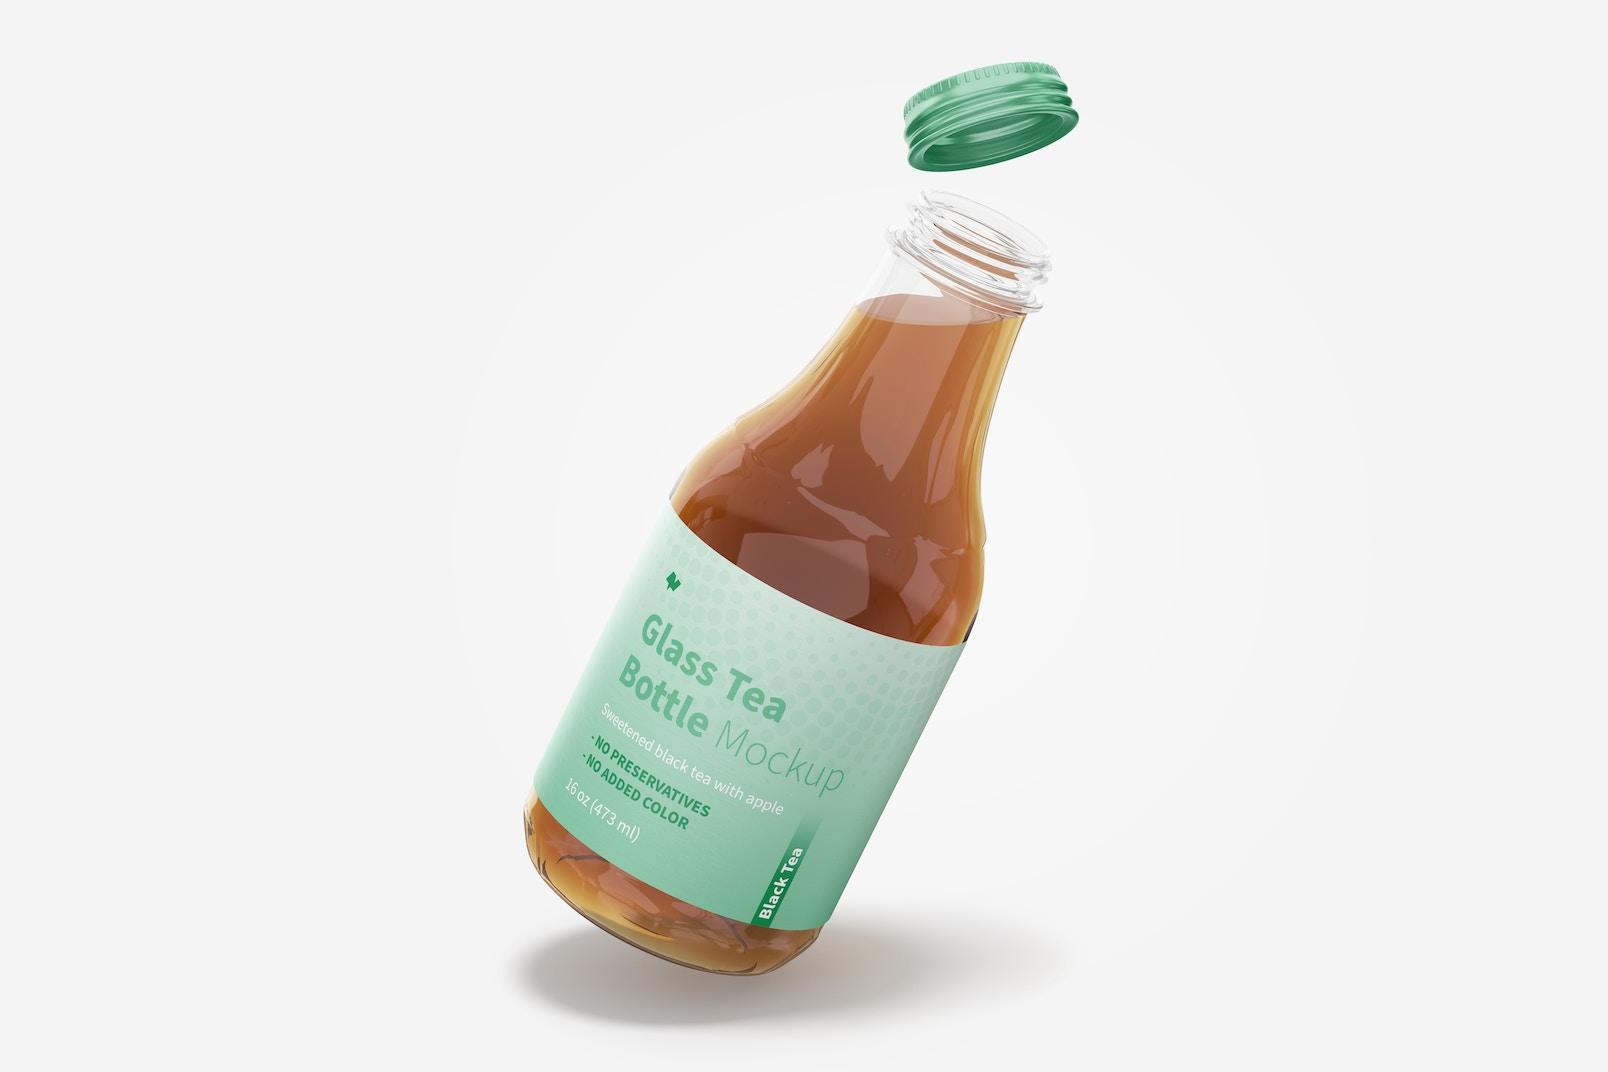 16 oz Glass Tea Bottle PSD Mockup, Floating